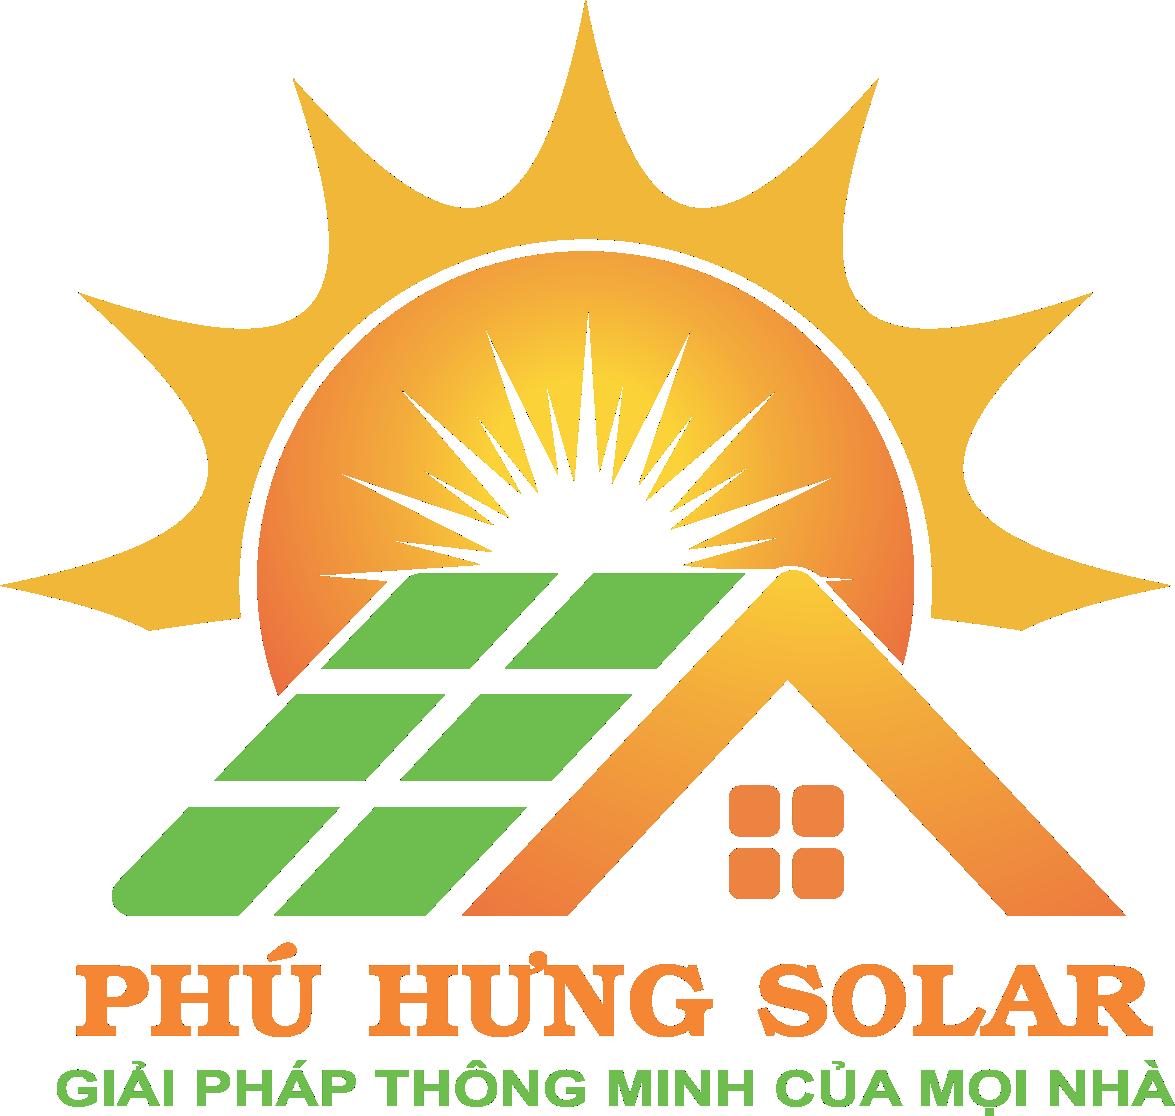 Phú Hưng Solar